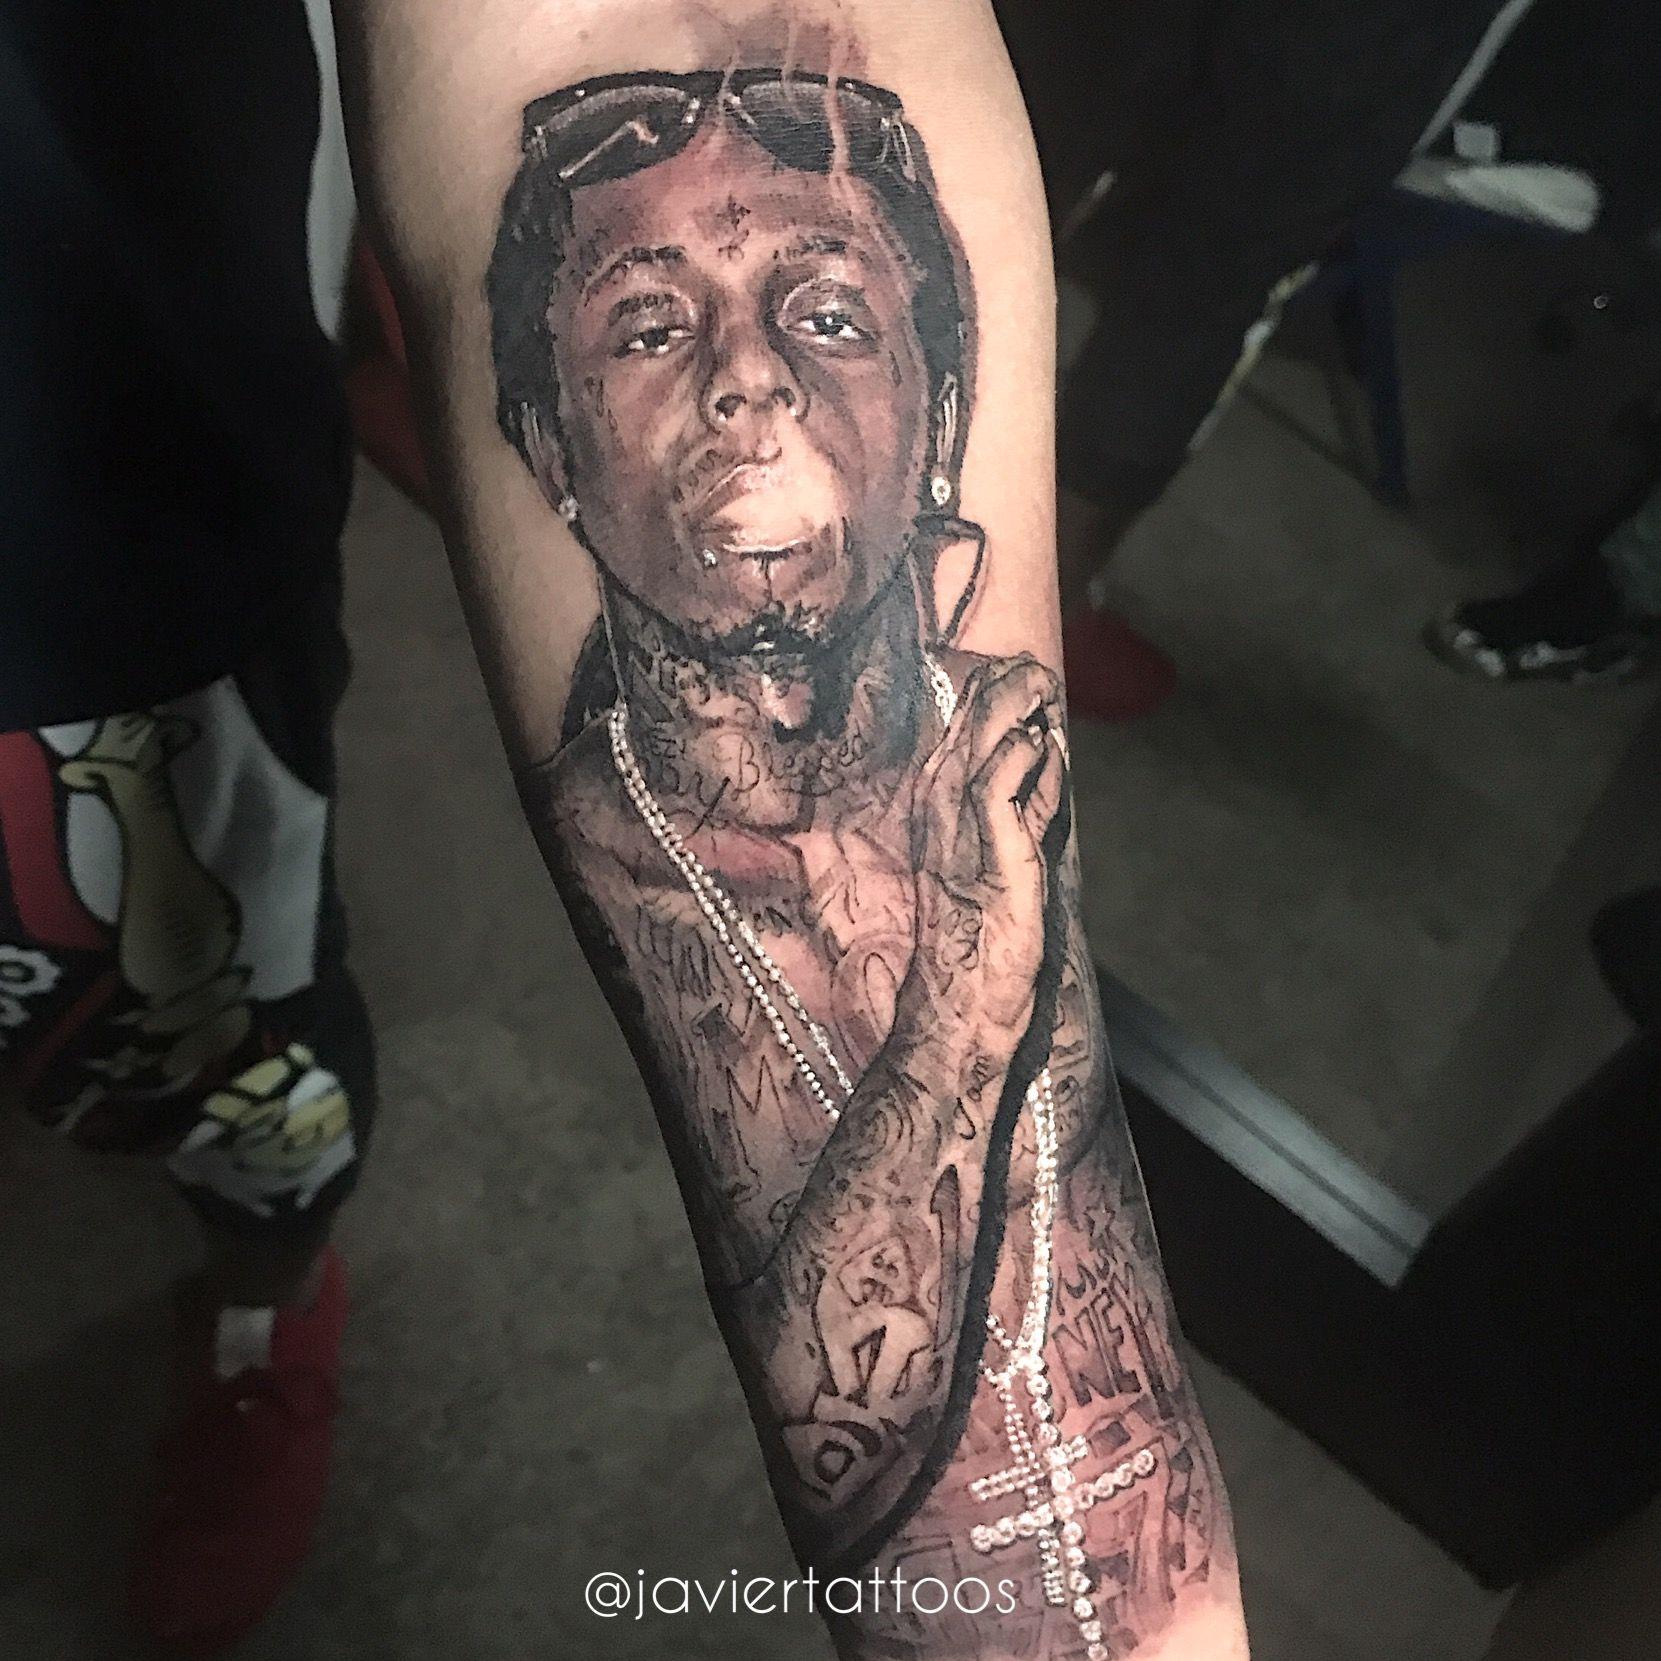 Lil Wayne Tattoo By Javiertattoos Lil Wayne Tattoos Best Rapper Alive